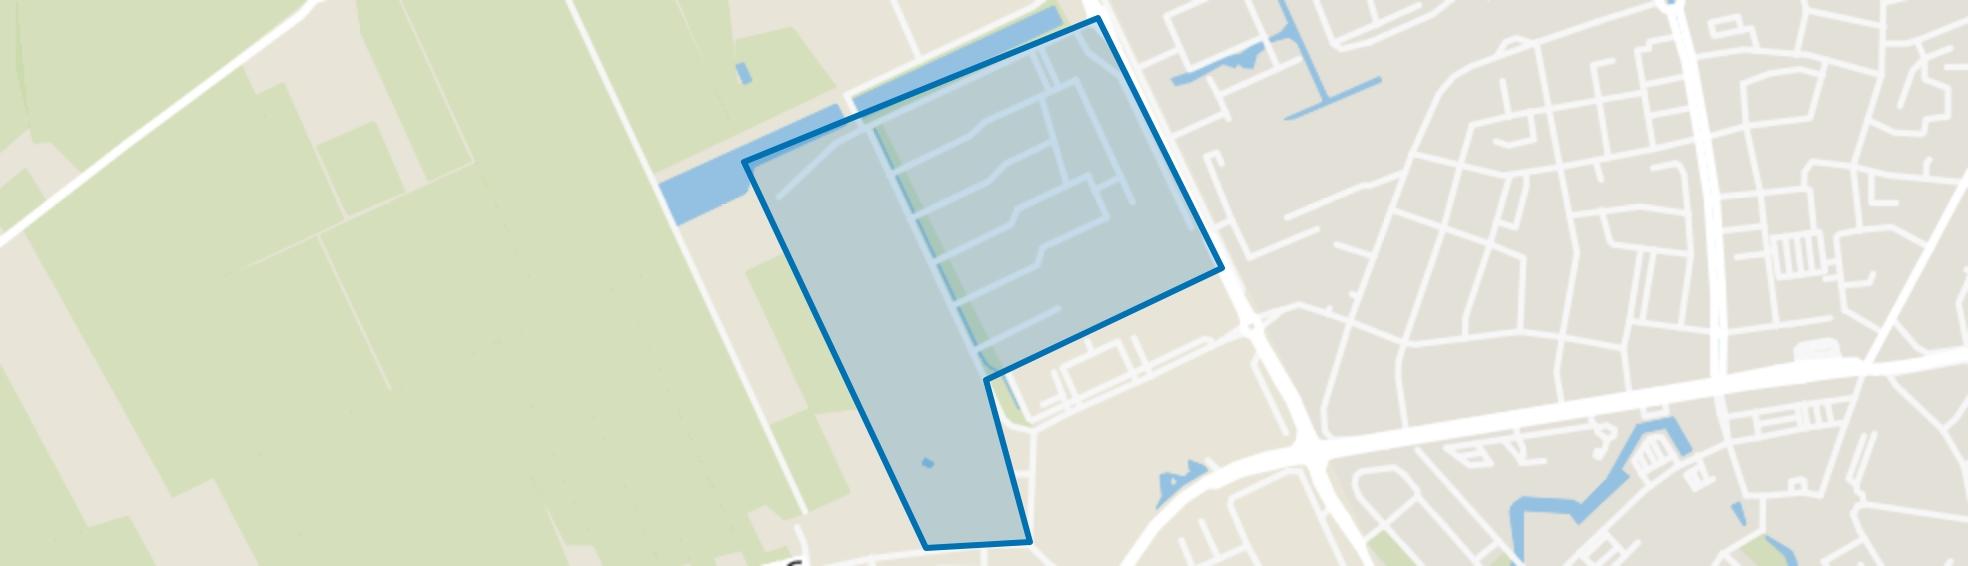 Kortenoord-Oost, Wageningen map